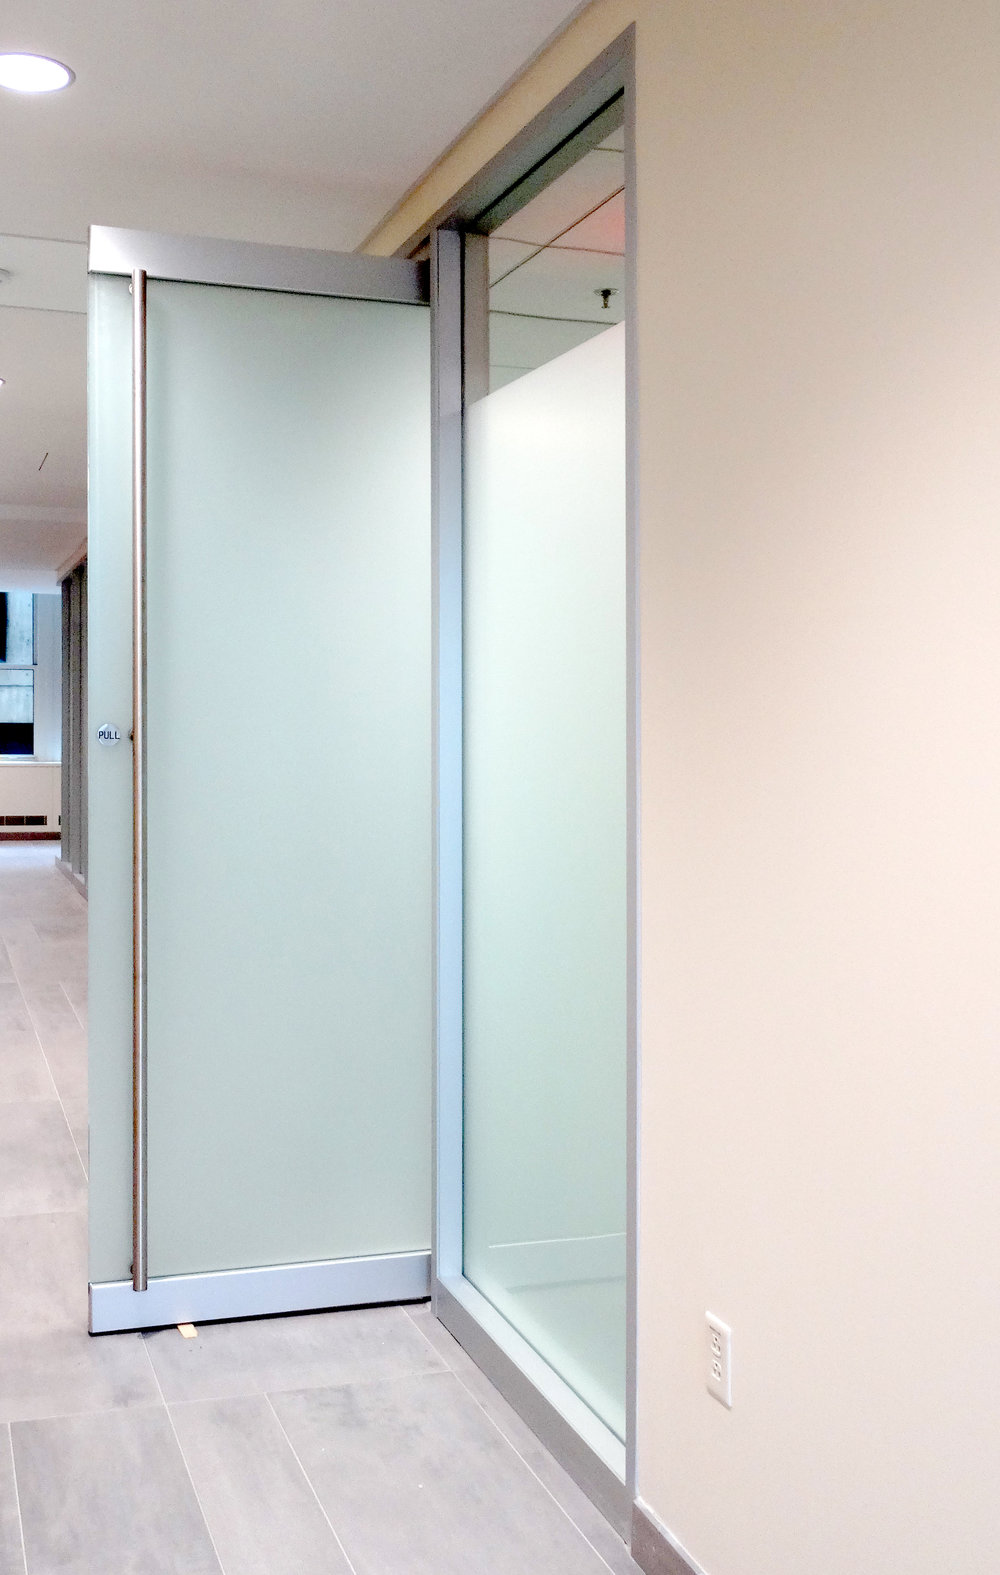 Encase Aluminum Framed Wall Frameless Glass Rail Door - Spaceworks AI.jpg